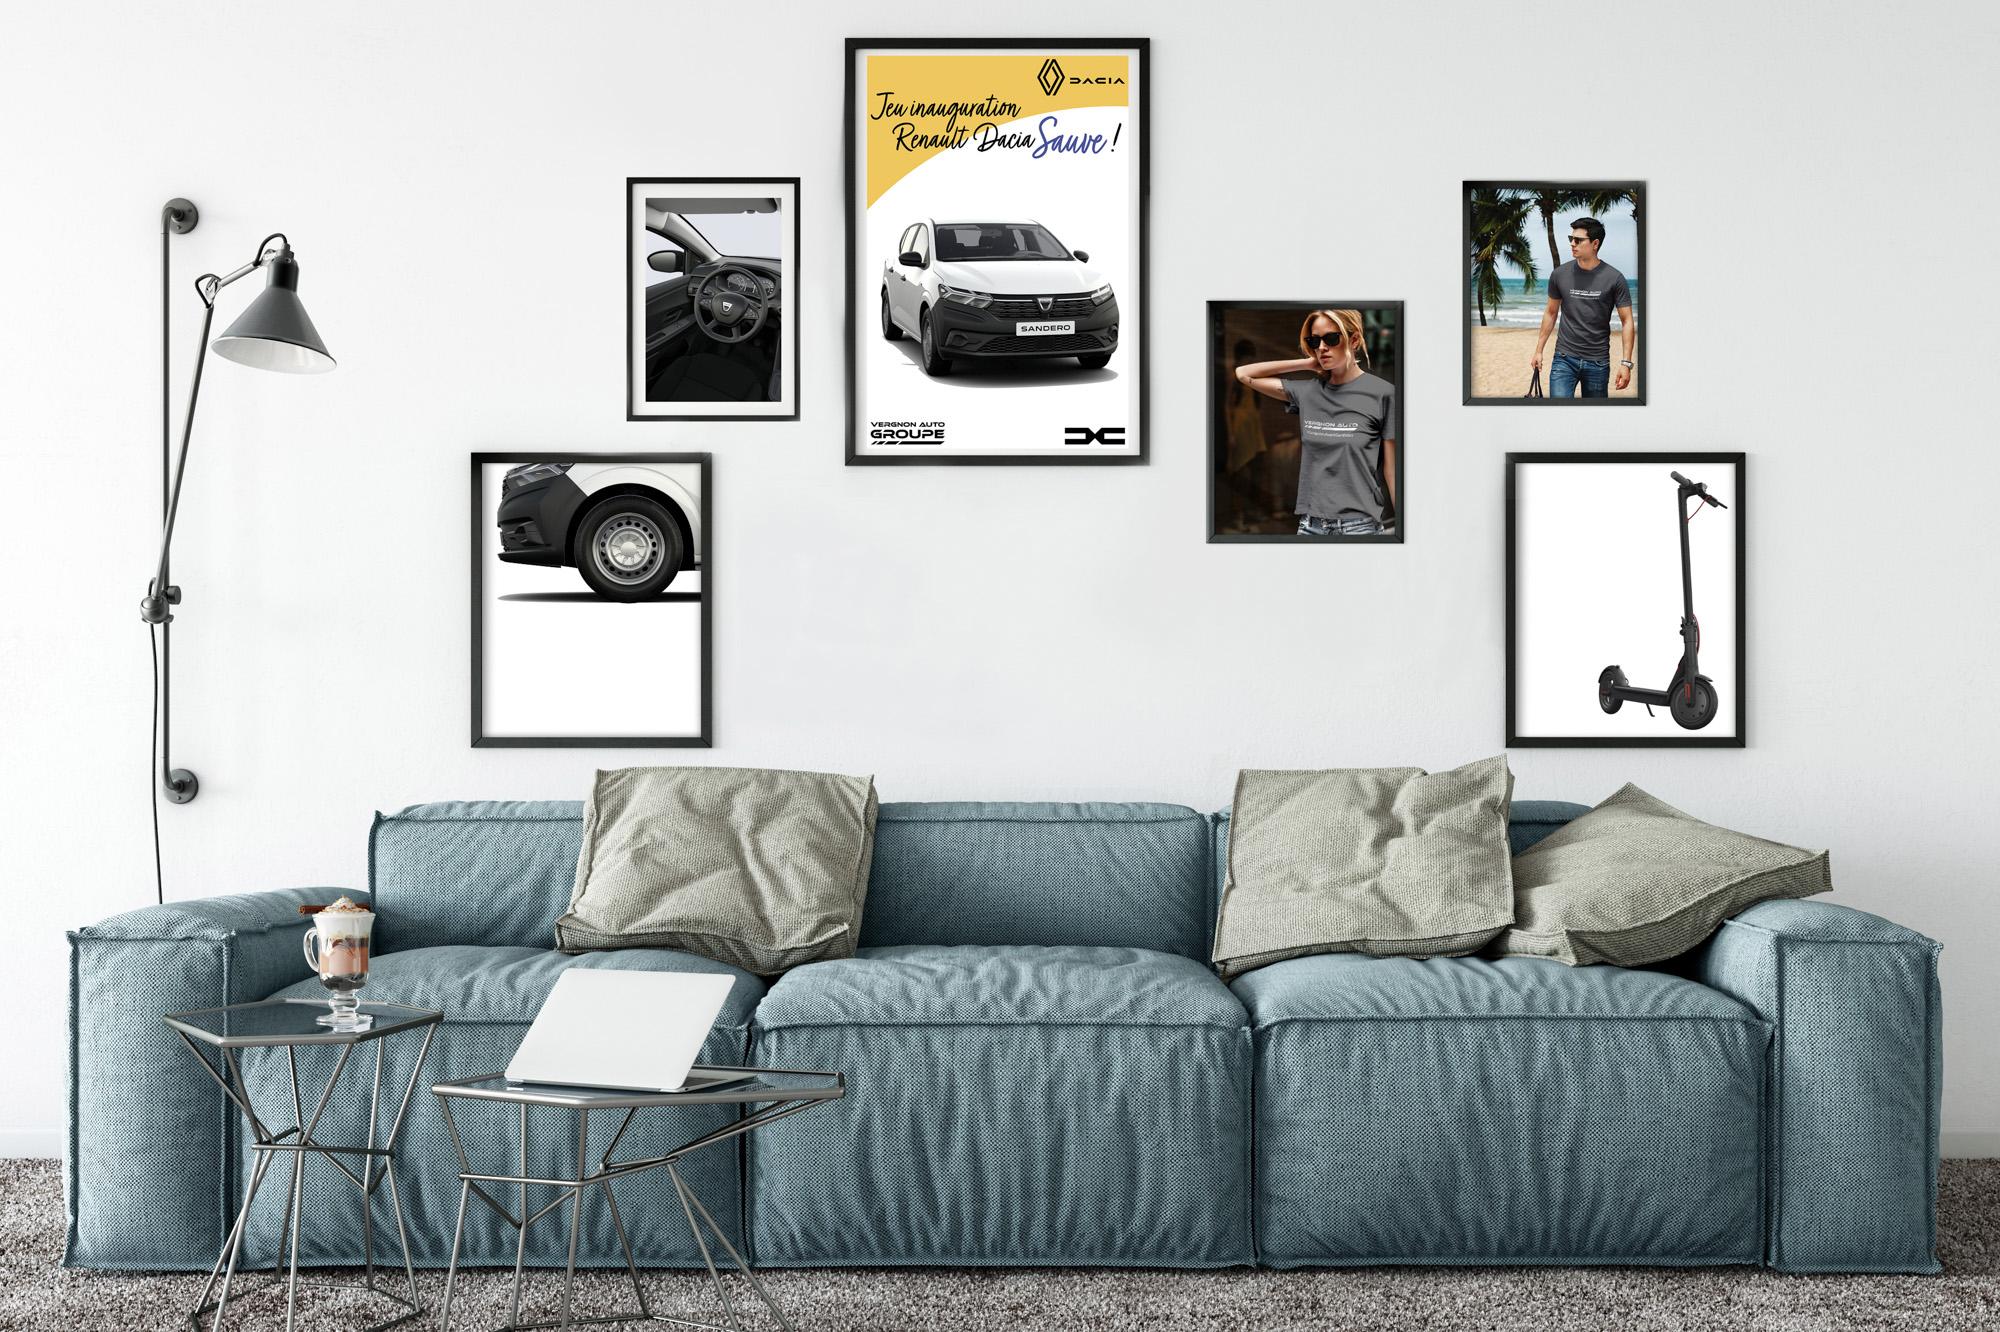 Jeu 2021 Inauguration Renault Dacia Sauve Gard Piémont cévenol